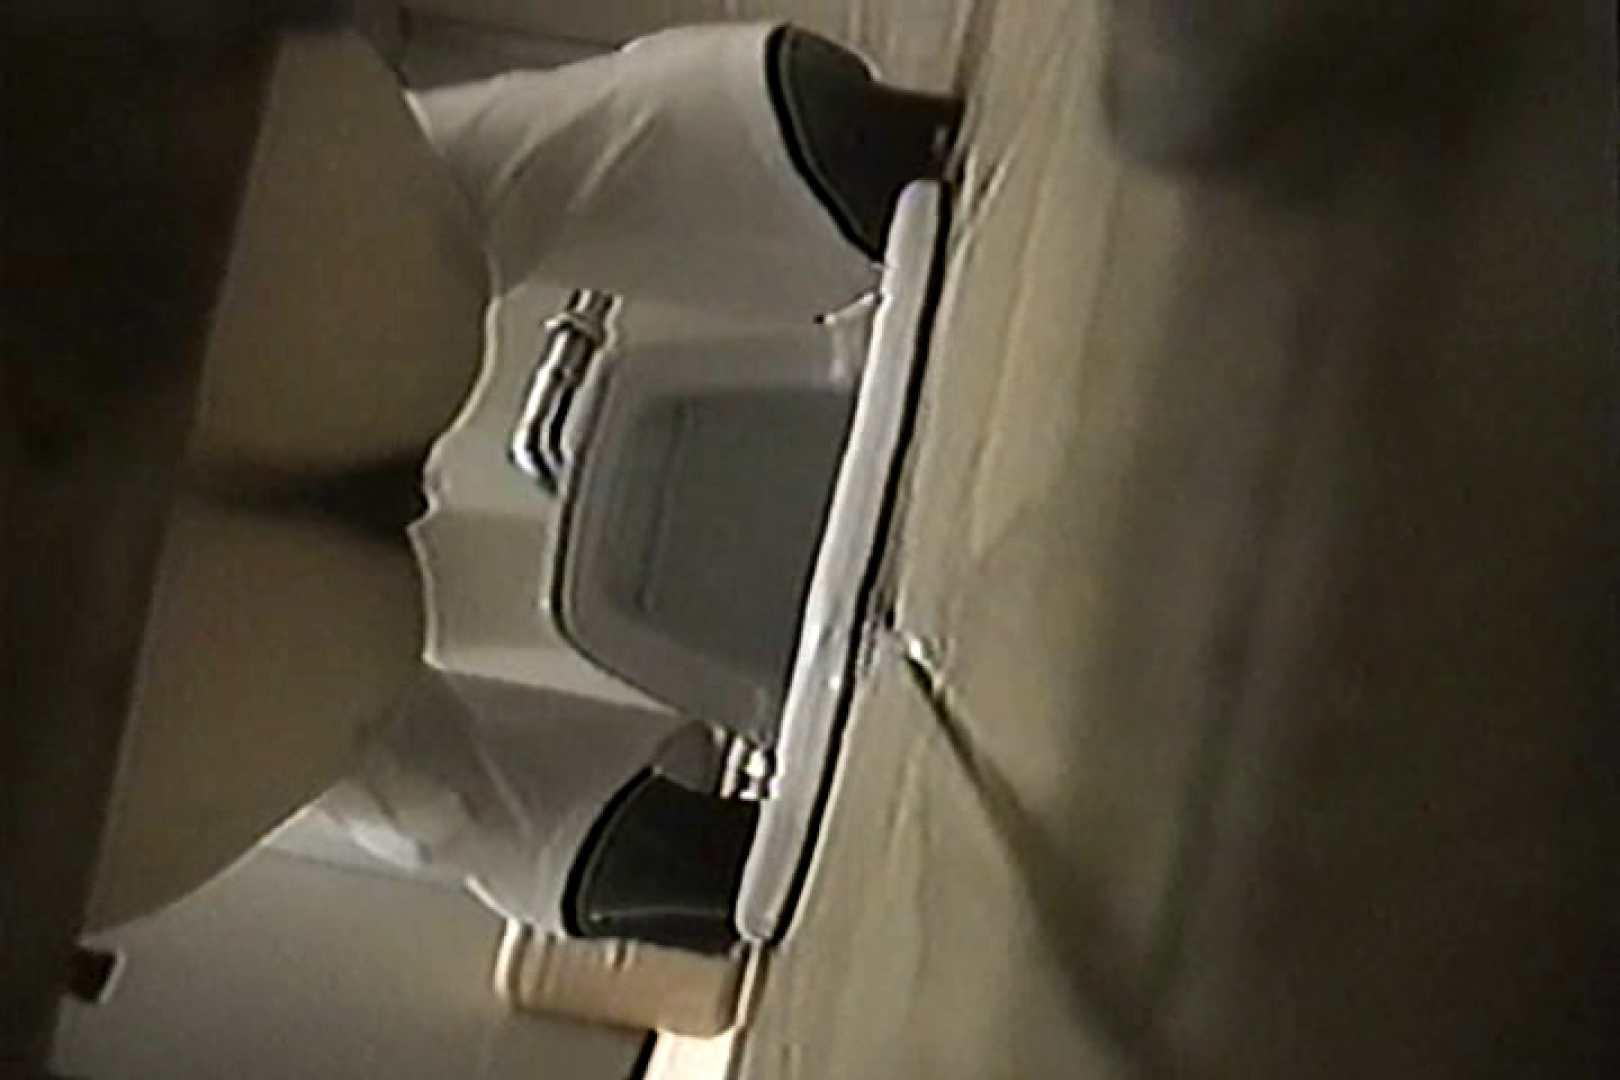 ファミレス洗面所_NO2 おまんこ 覗きおまんこ画像 101PIX 75